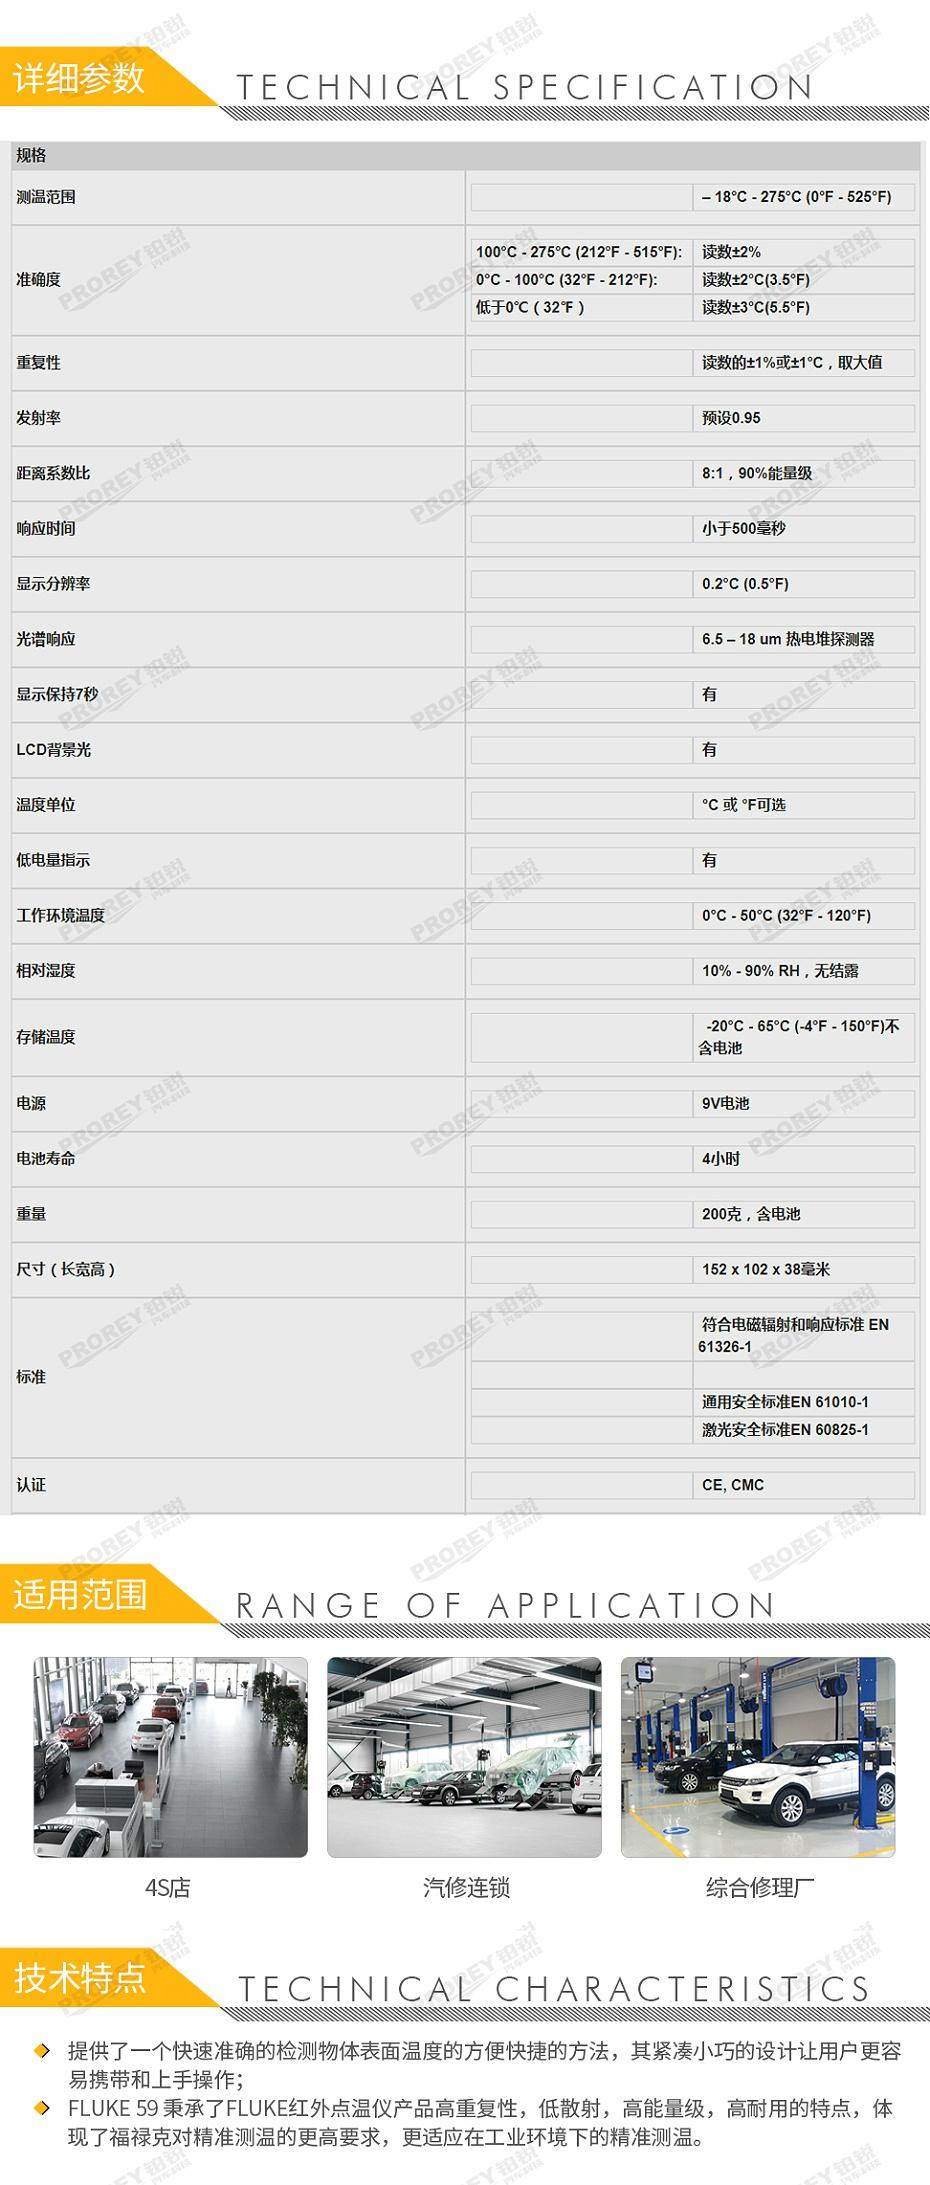 GW-120300181-FLUKE 福禄克 F59 红外线测温仪-2